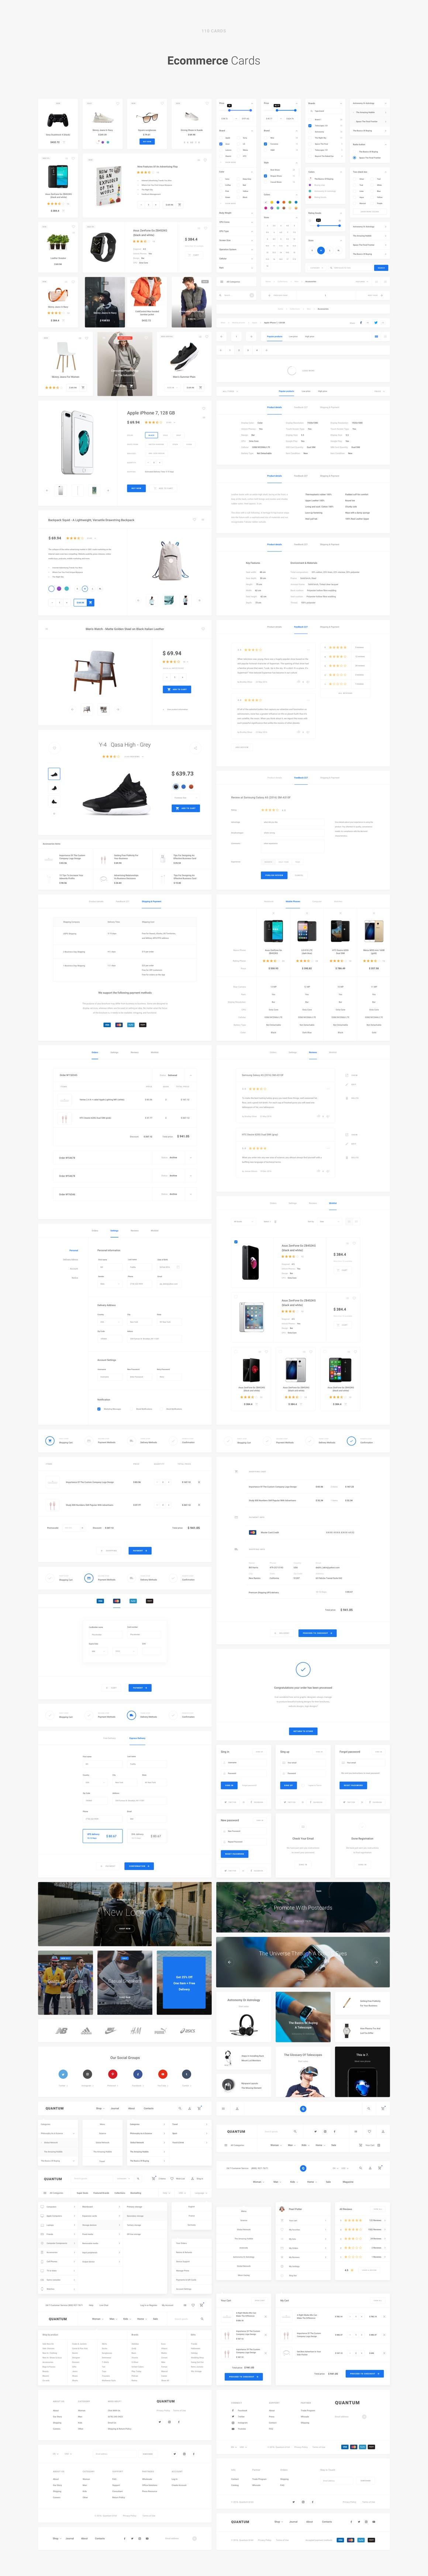 Quantum Kit, 600+ Cards, 100+ Pages